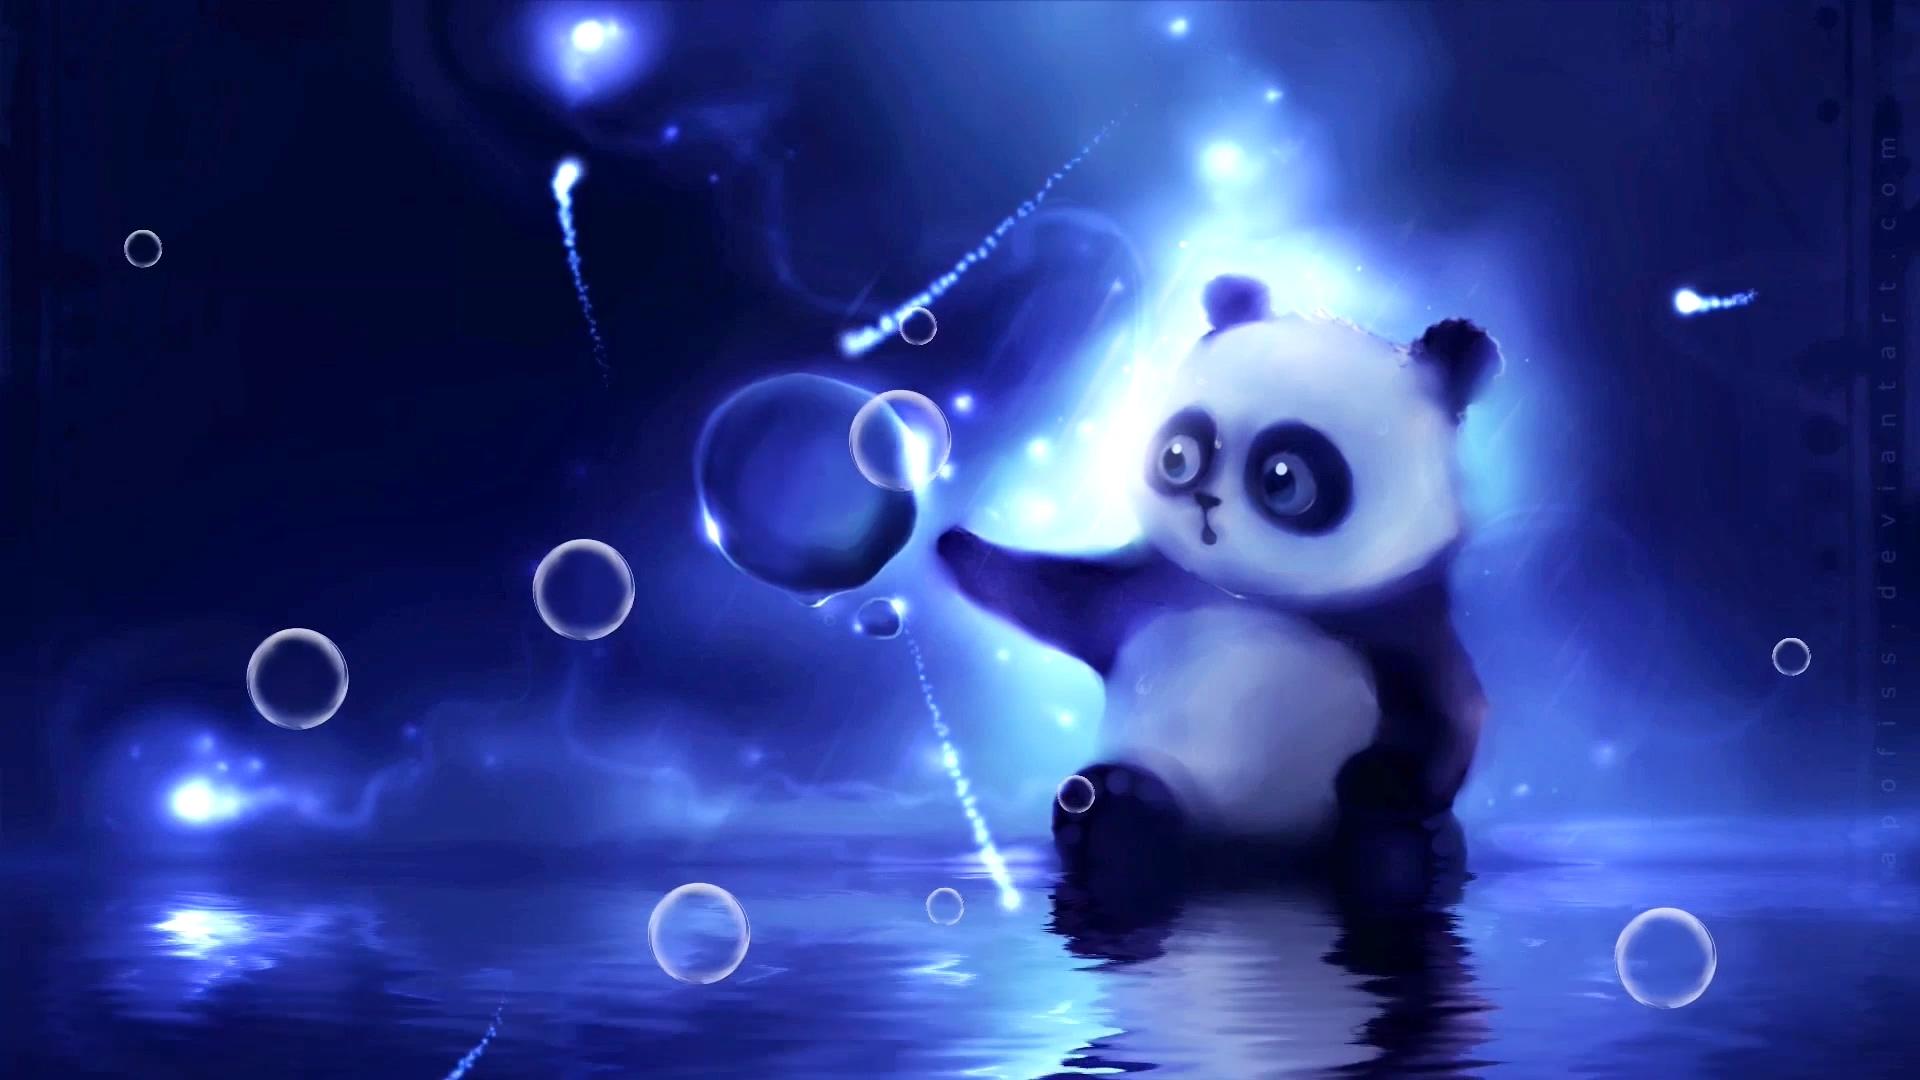 熊猫背景视频素材